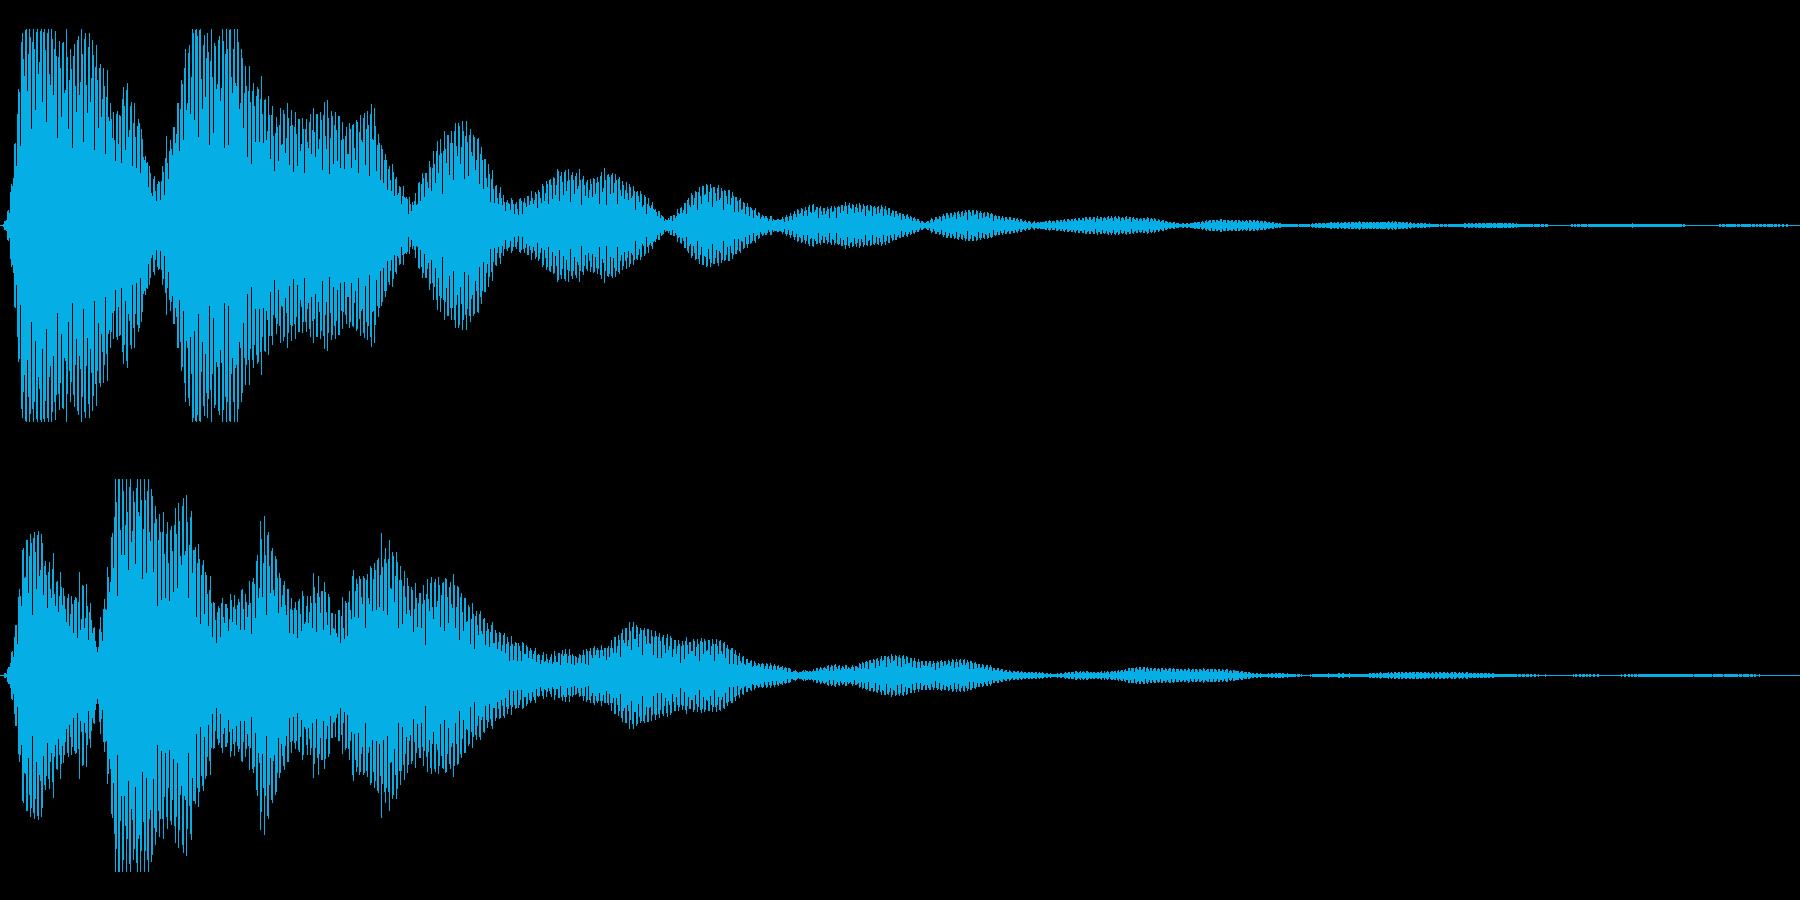 【ホラー】暗く不気味な音の再生済みの波形